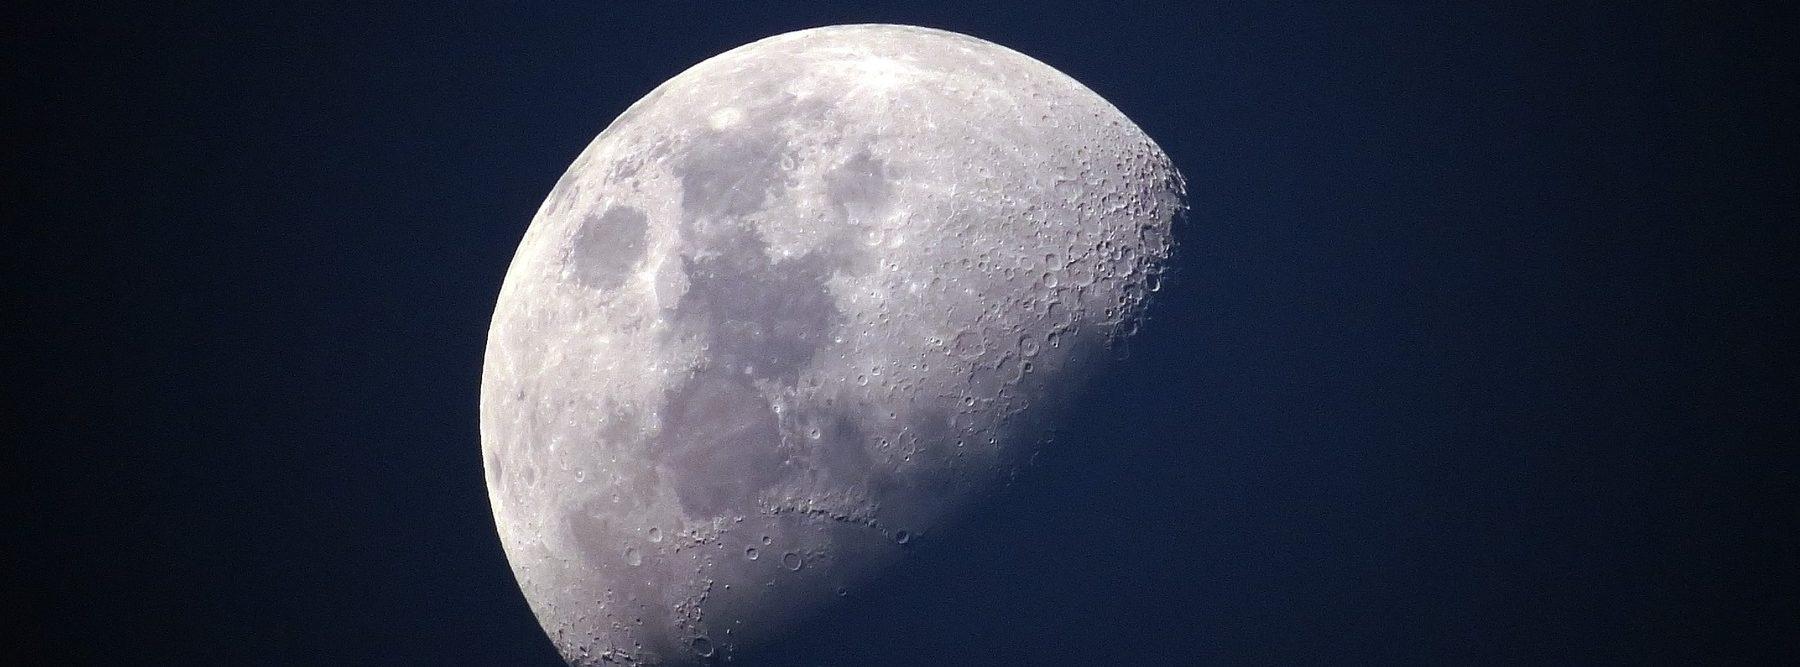 Una estación espacial orbitando la Luna